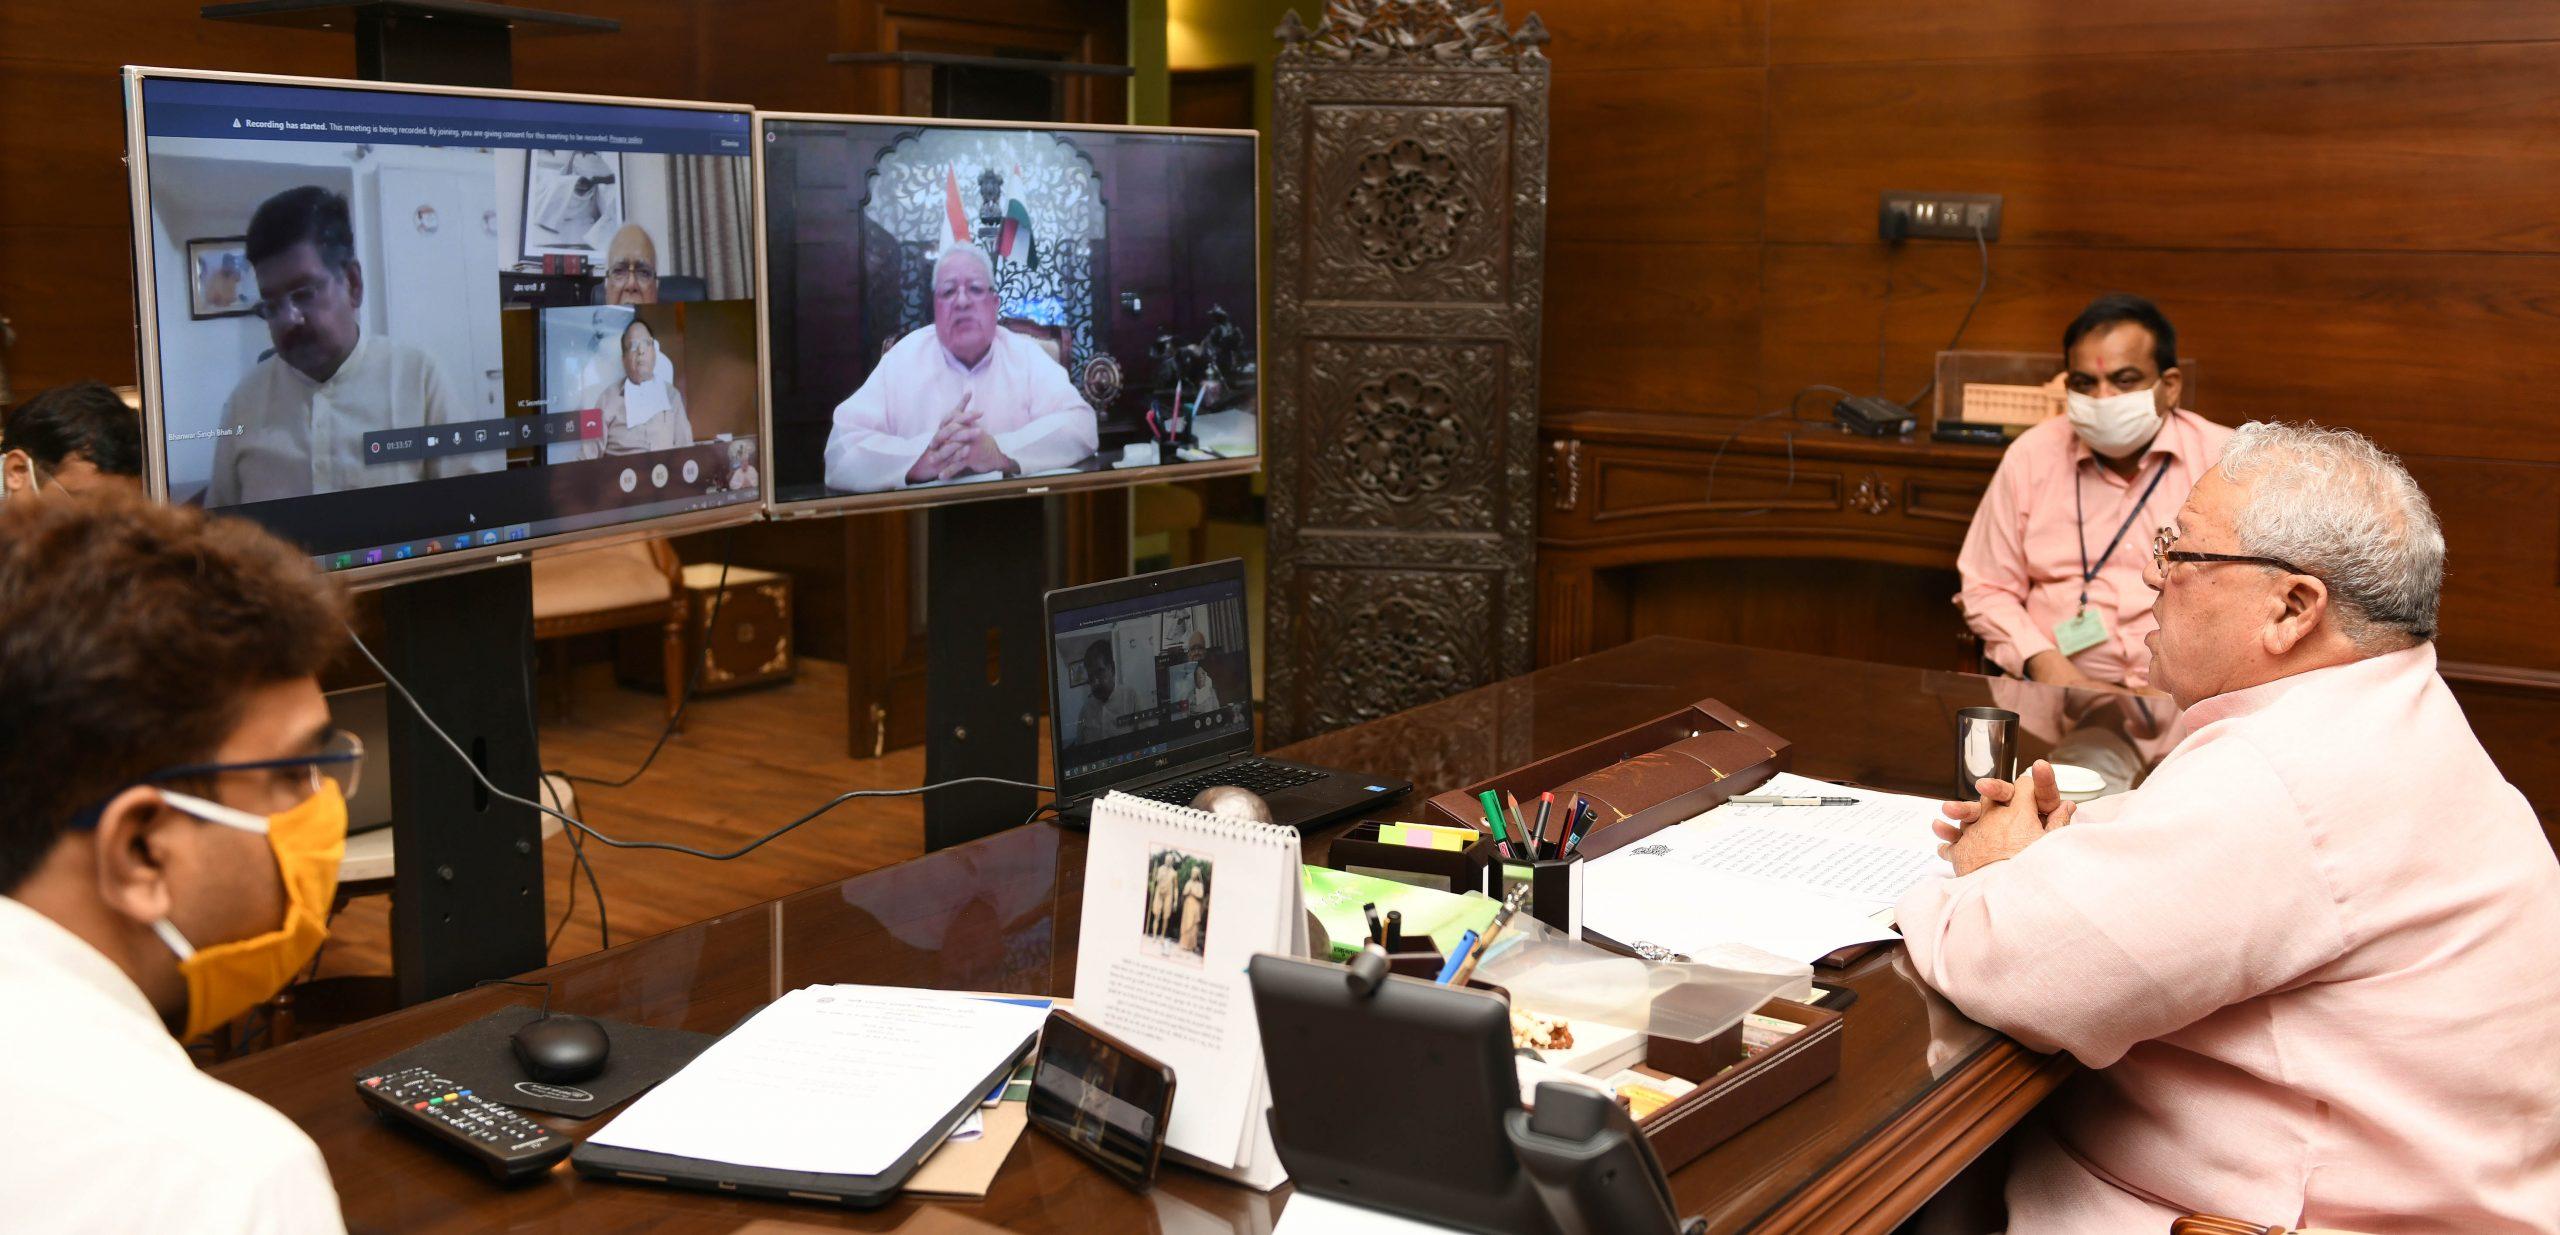 राज्यपाल ने कहा पत्रकारिता ने समाज में सकारात्मक वातावरण और कोरोना से लड़ने में सक्षम बनाया